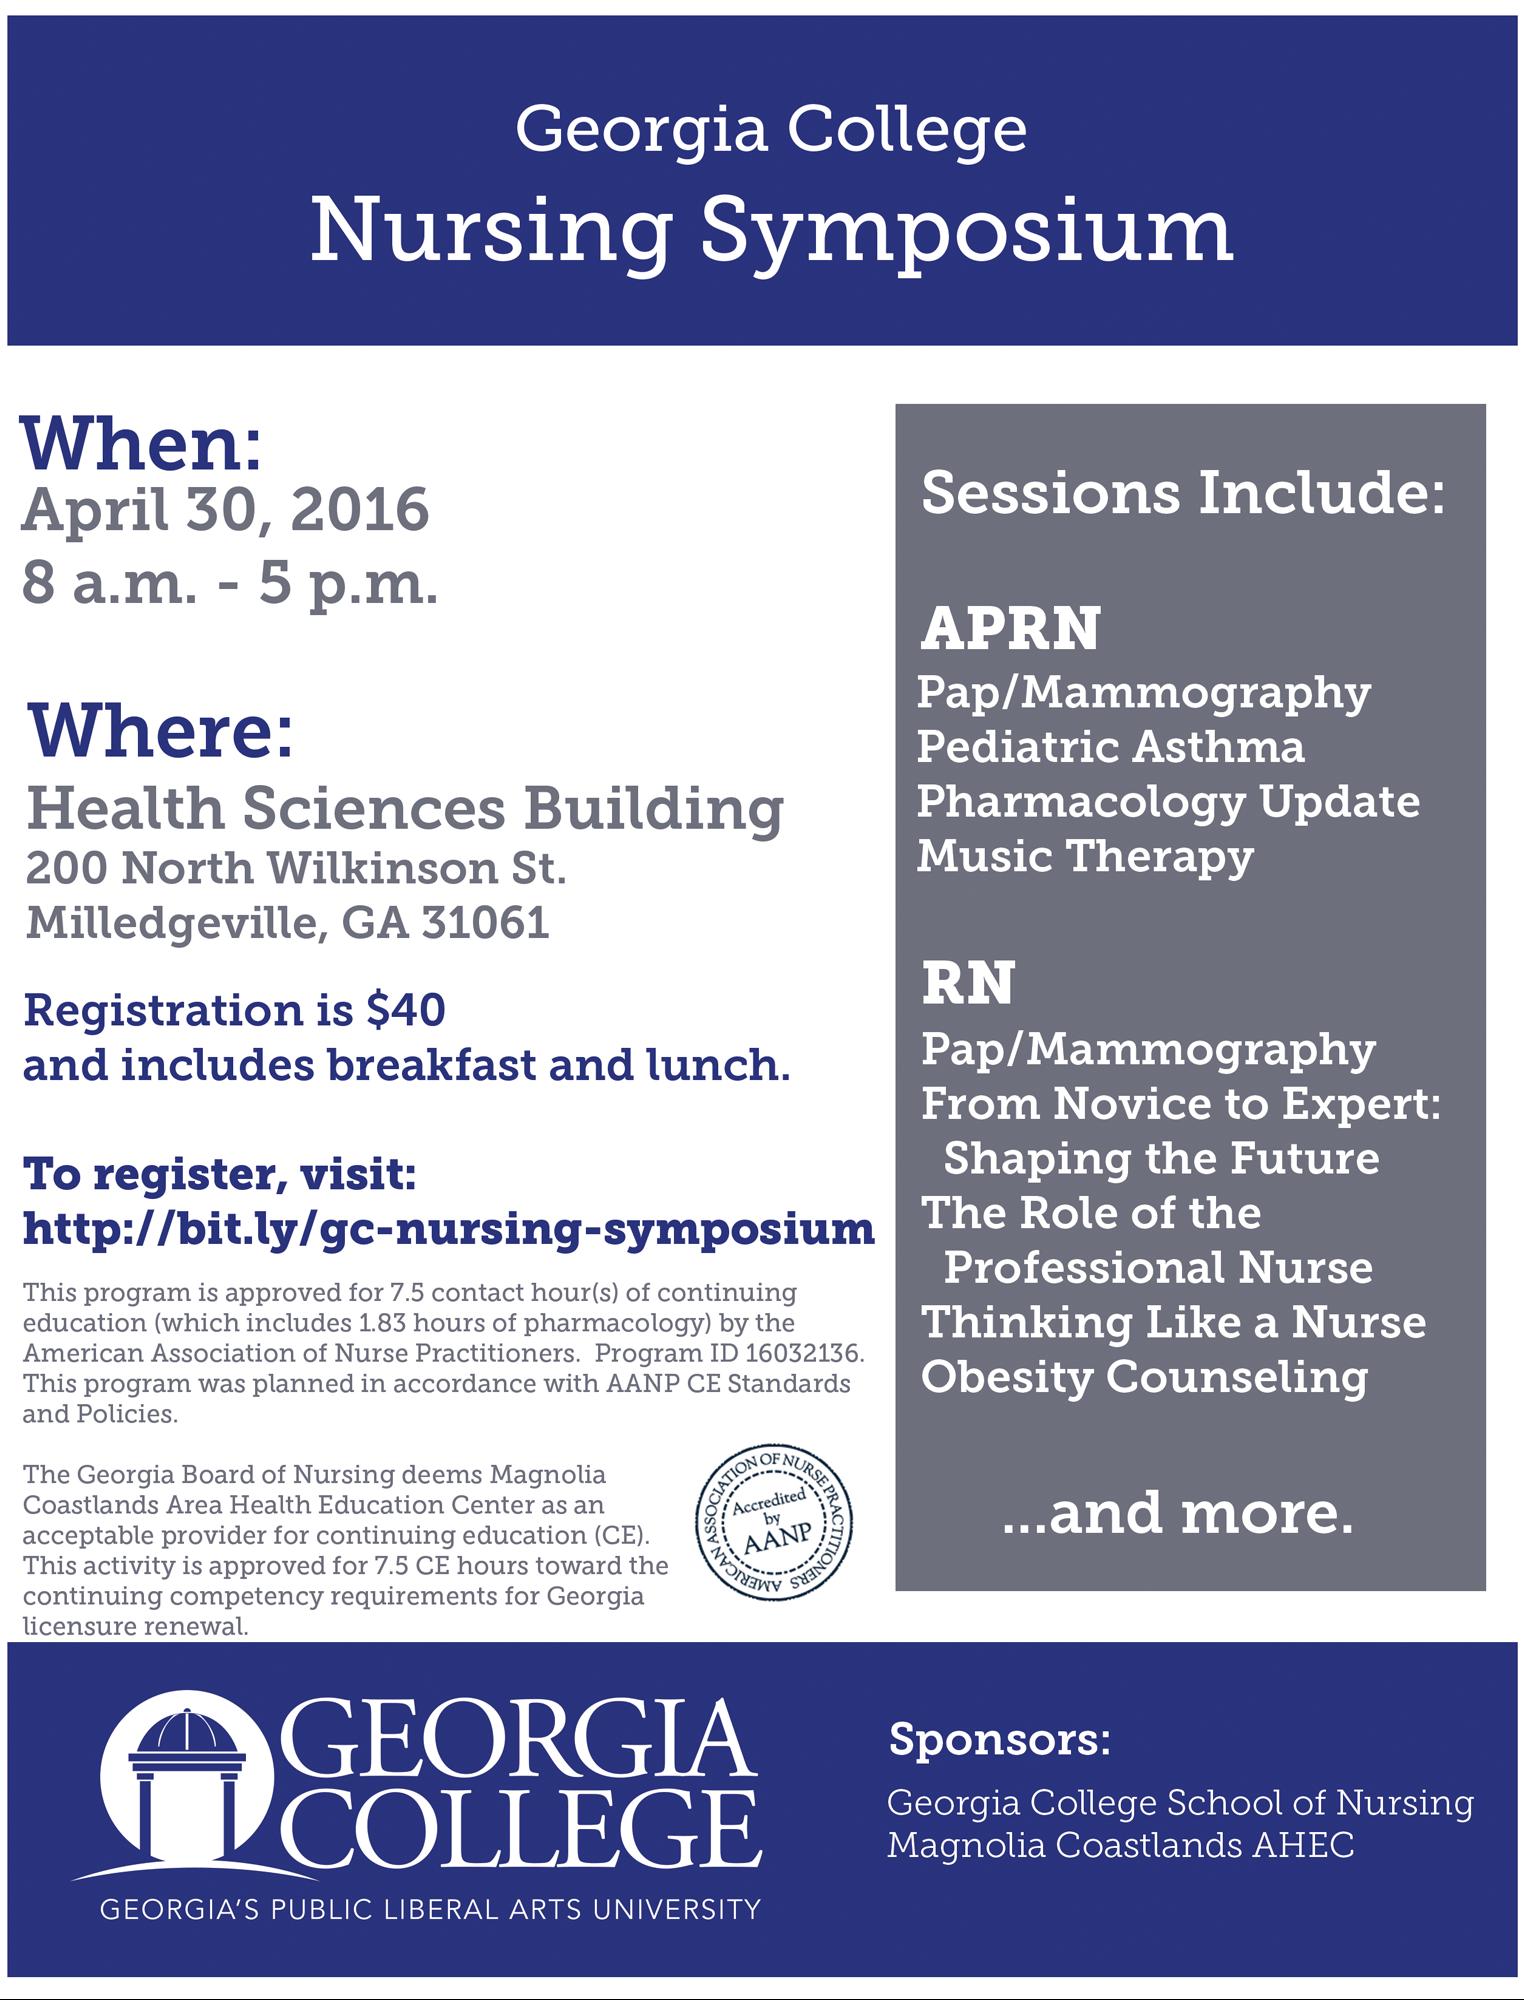 Georgia College Nursing Symposium